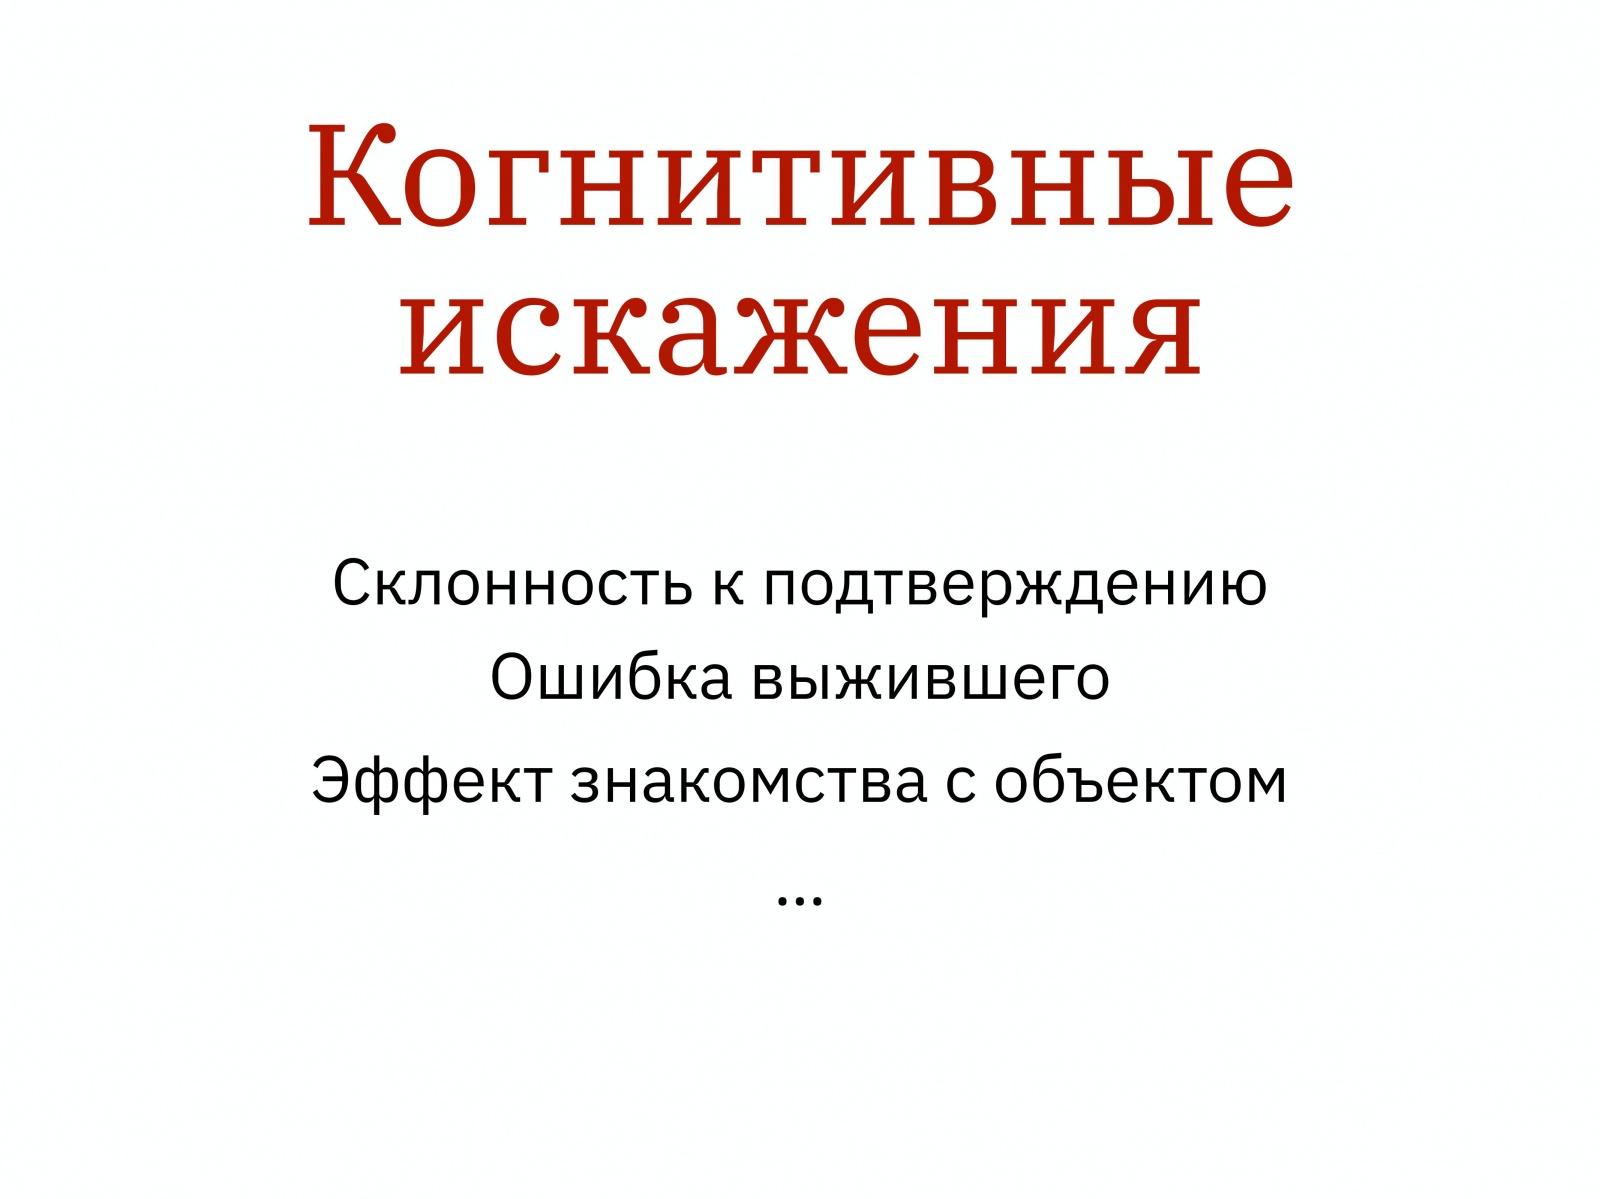 Алексей Каптерев: Критическое мышление 101 (часть 2) - 20